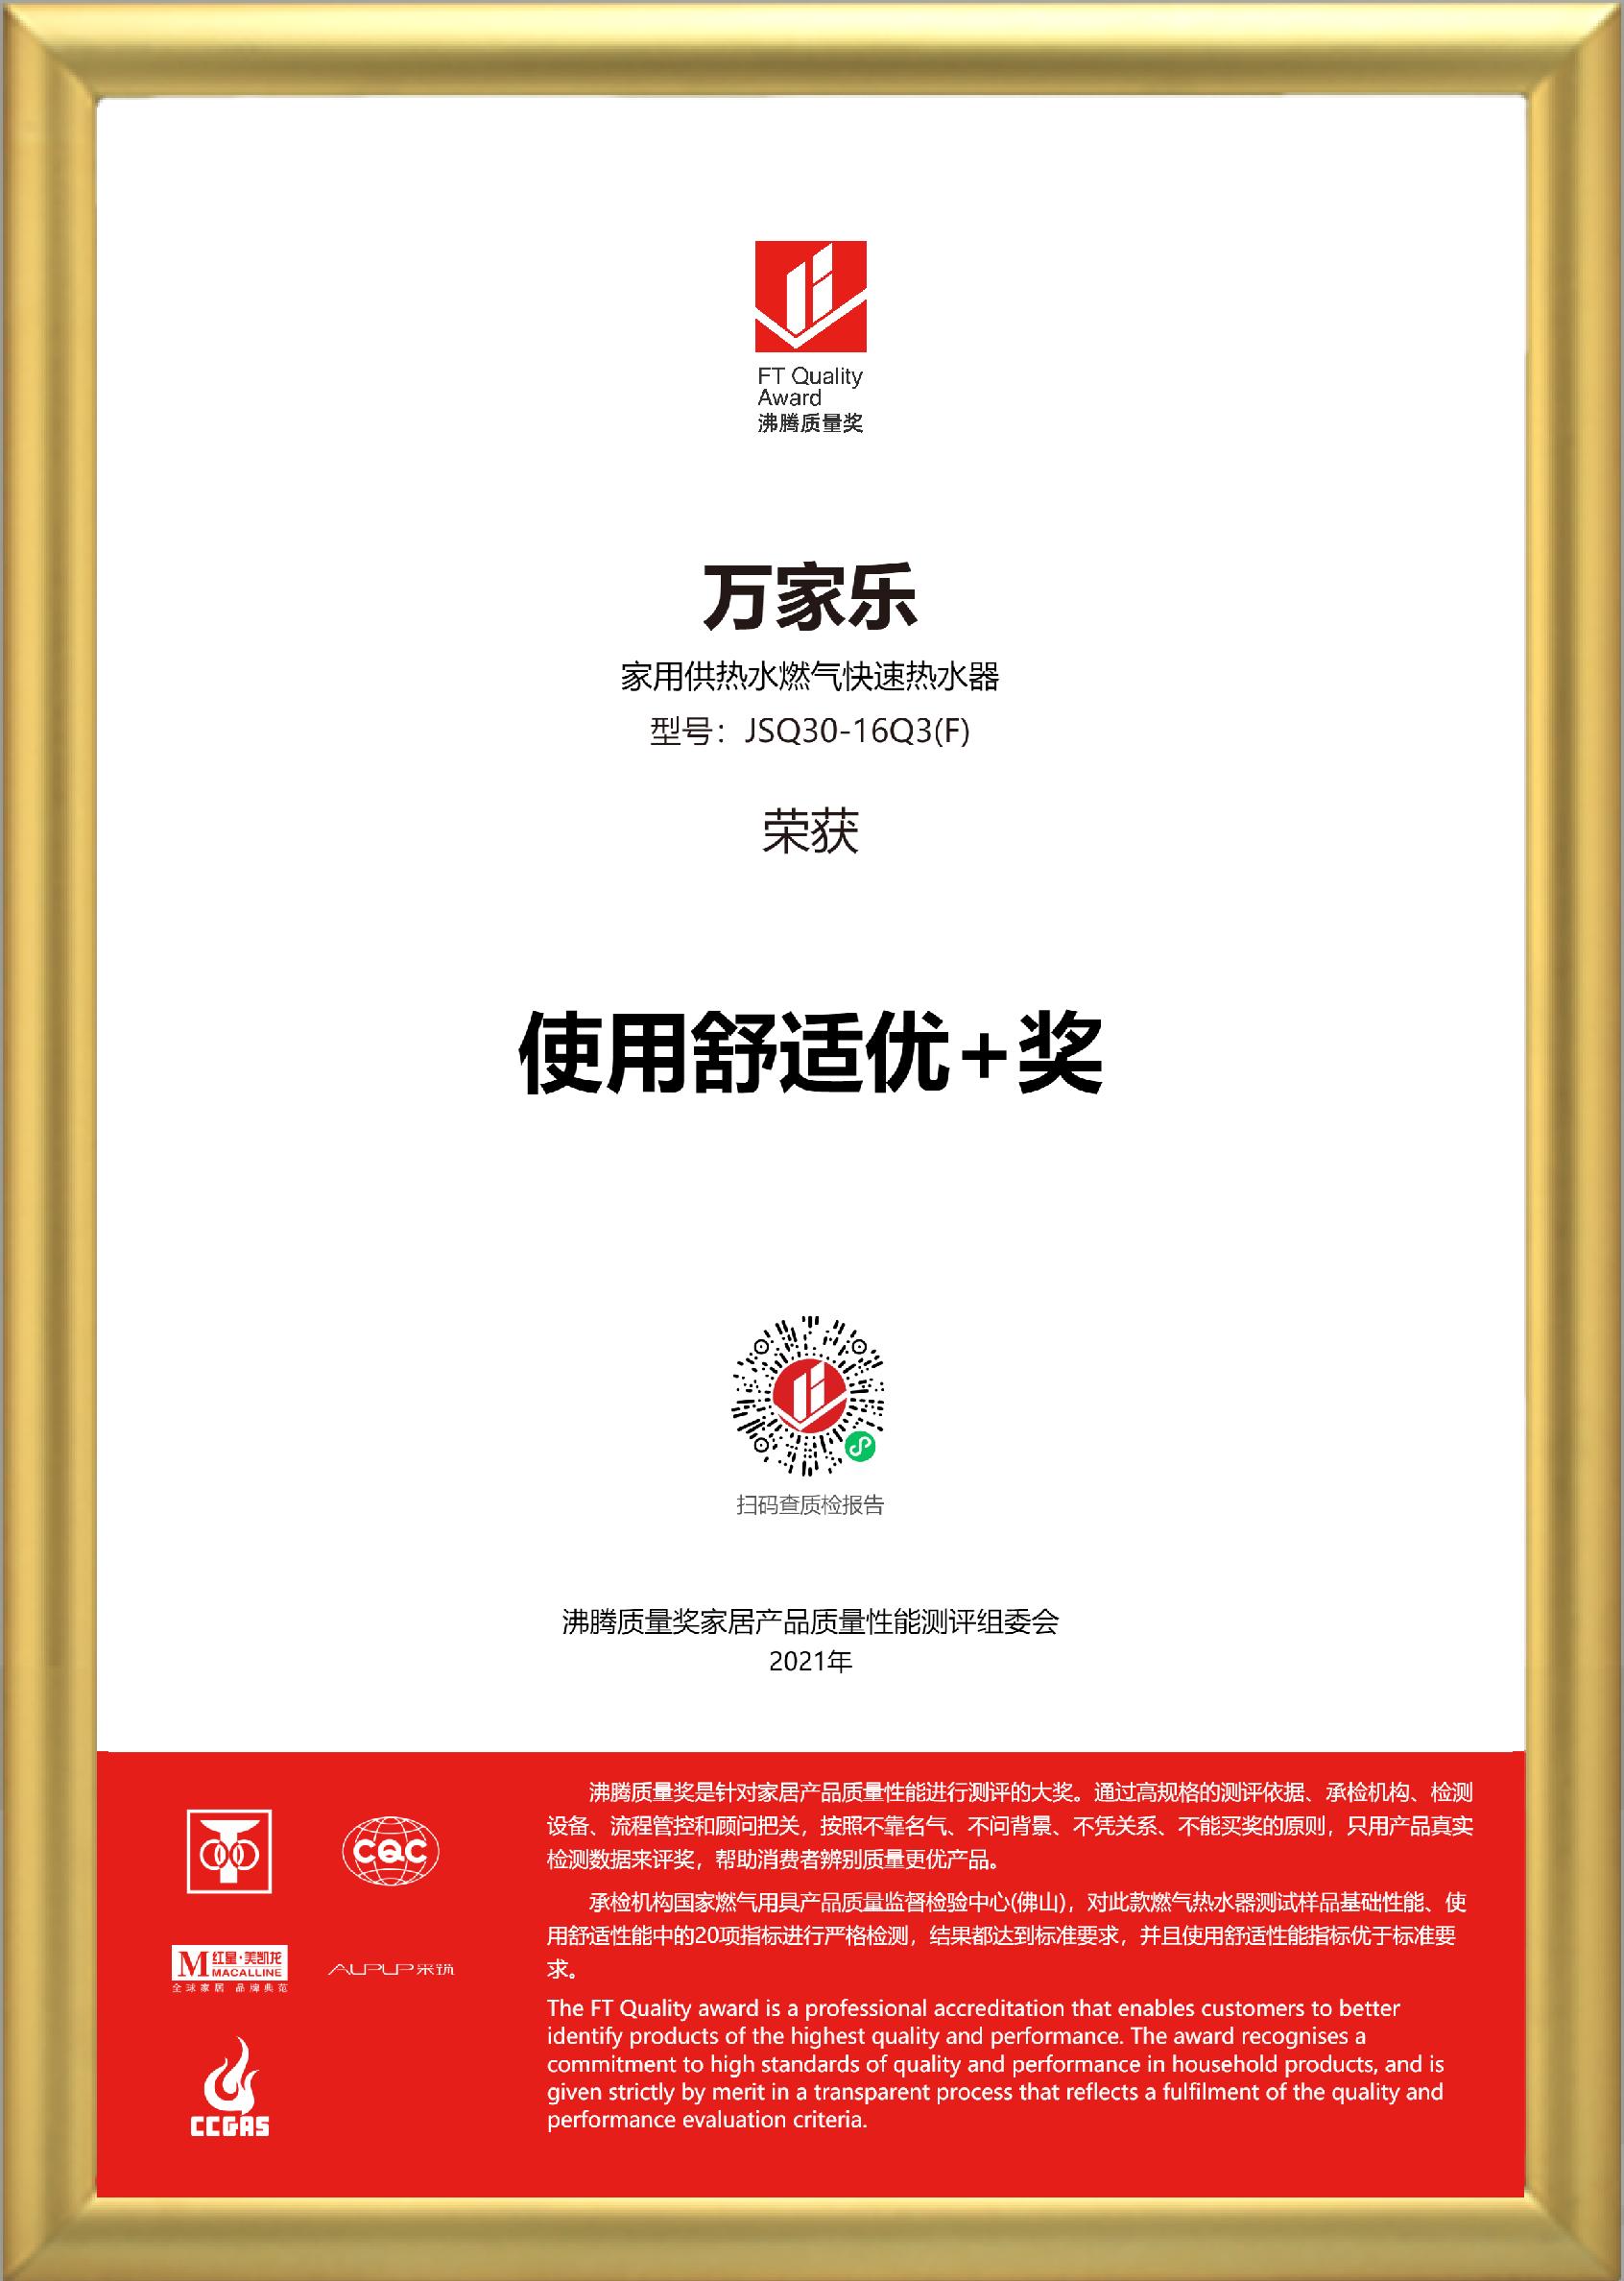 金框加持-获奖证书-万家乐-家用供热水燃气快速热水器-JSQ30-16Q3(F).png